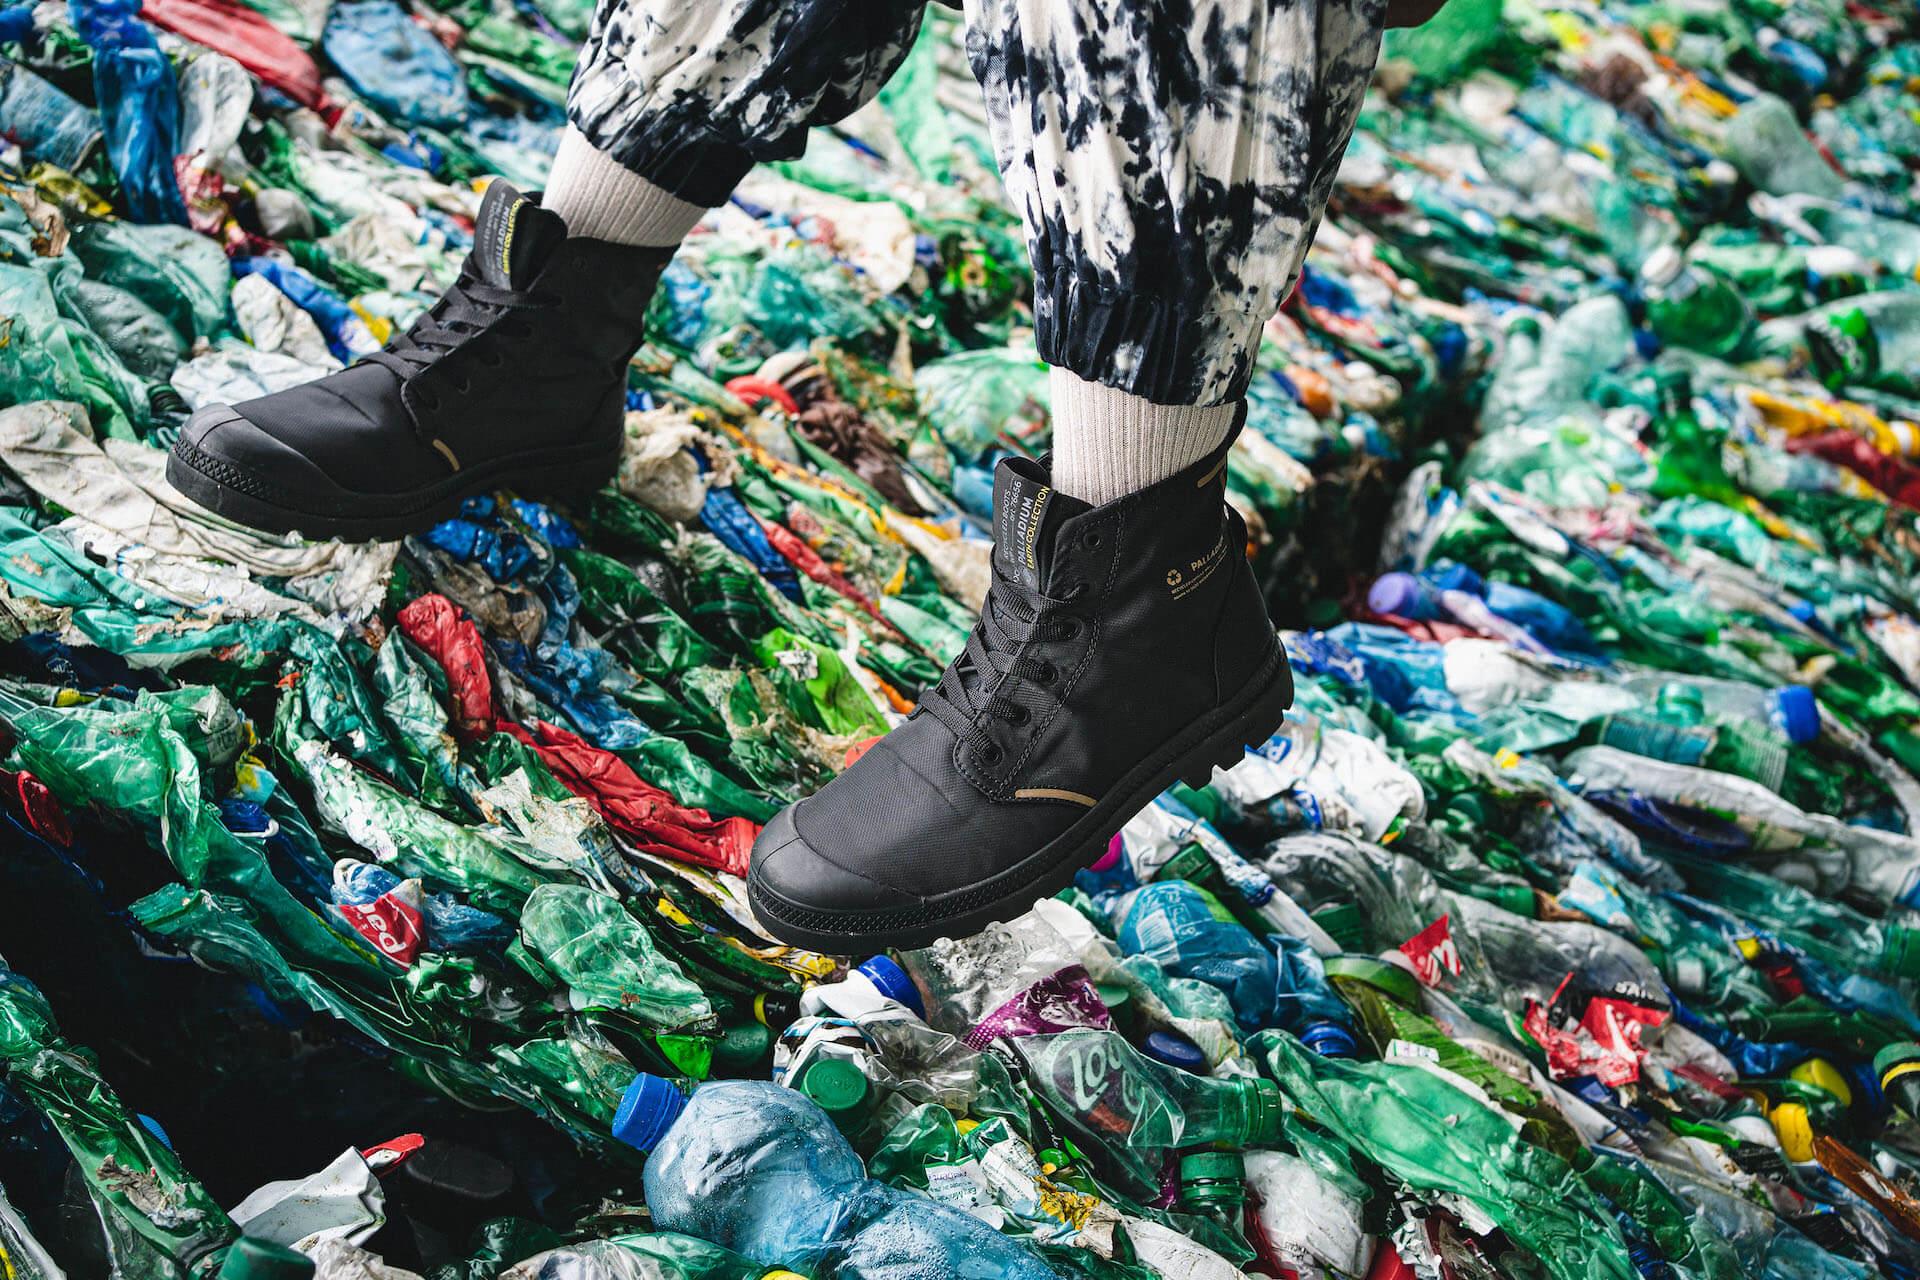 パラディウムから微生物の働きにより分解できる素材やペットボトルを使ったサスティナブルな防水ブーツ3モデルが登場! lf200305_palladiumrcycl_08